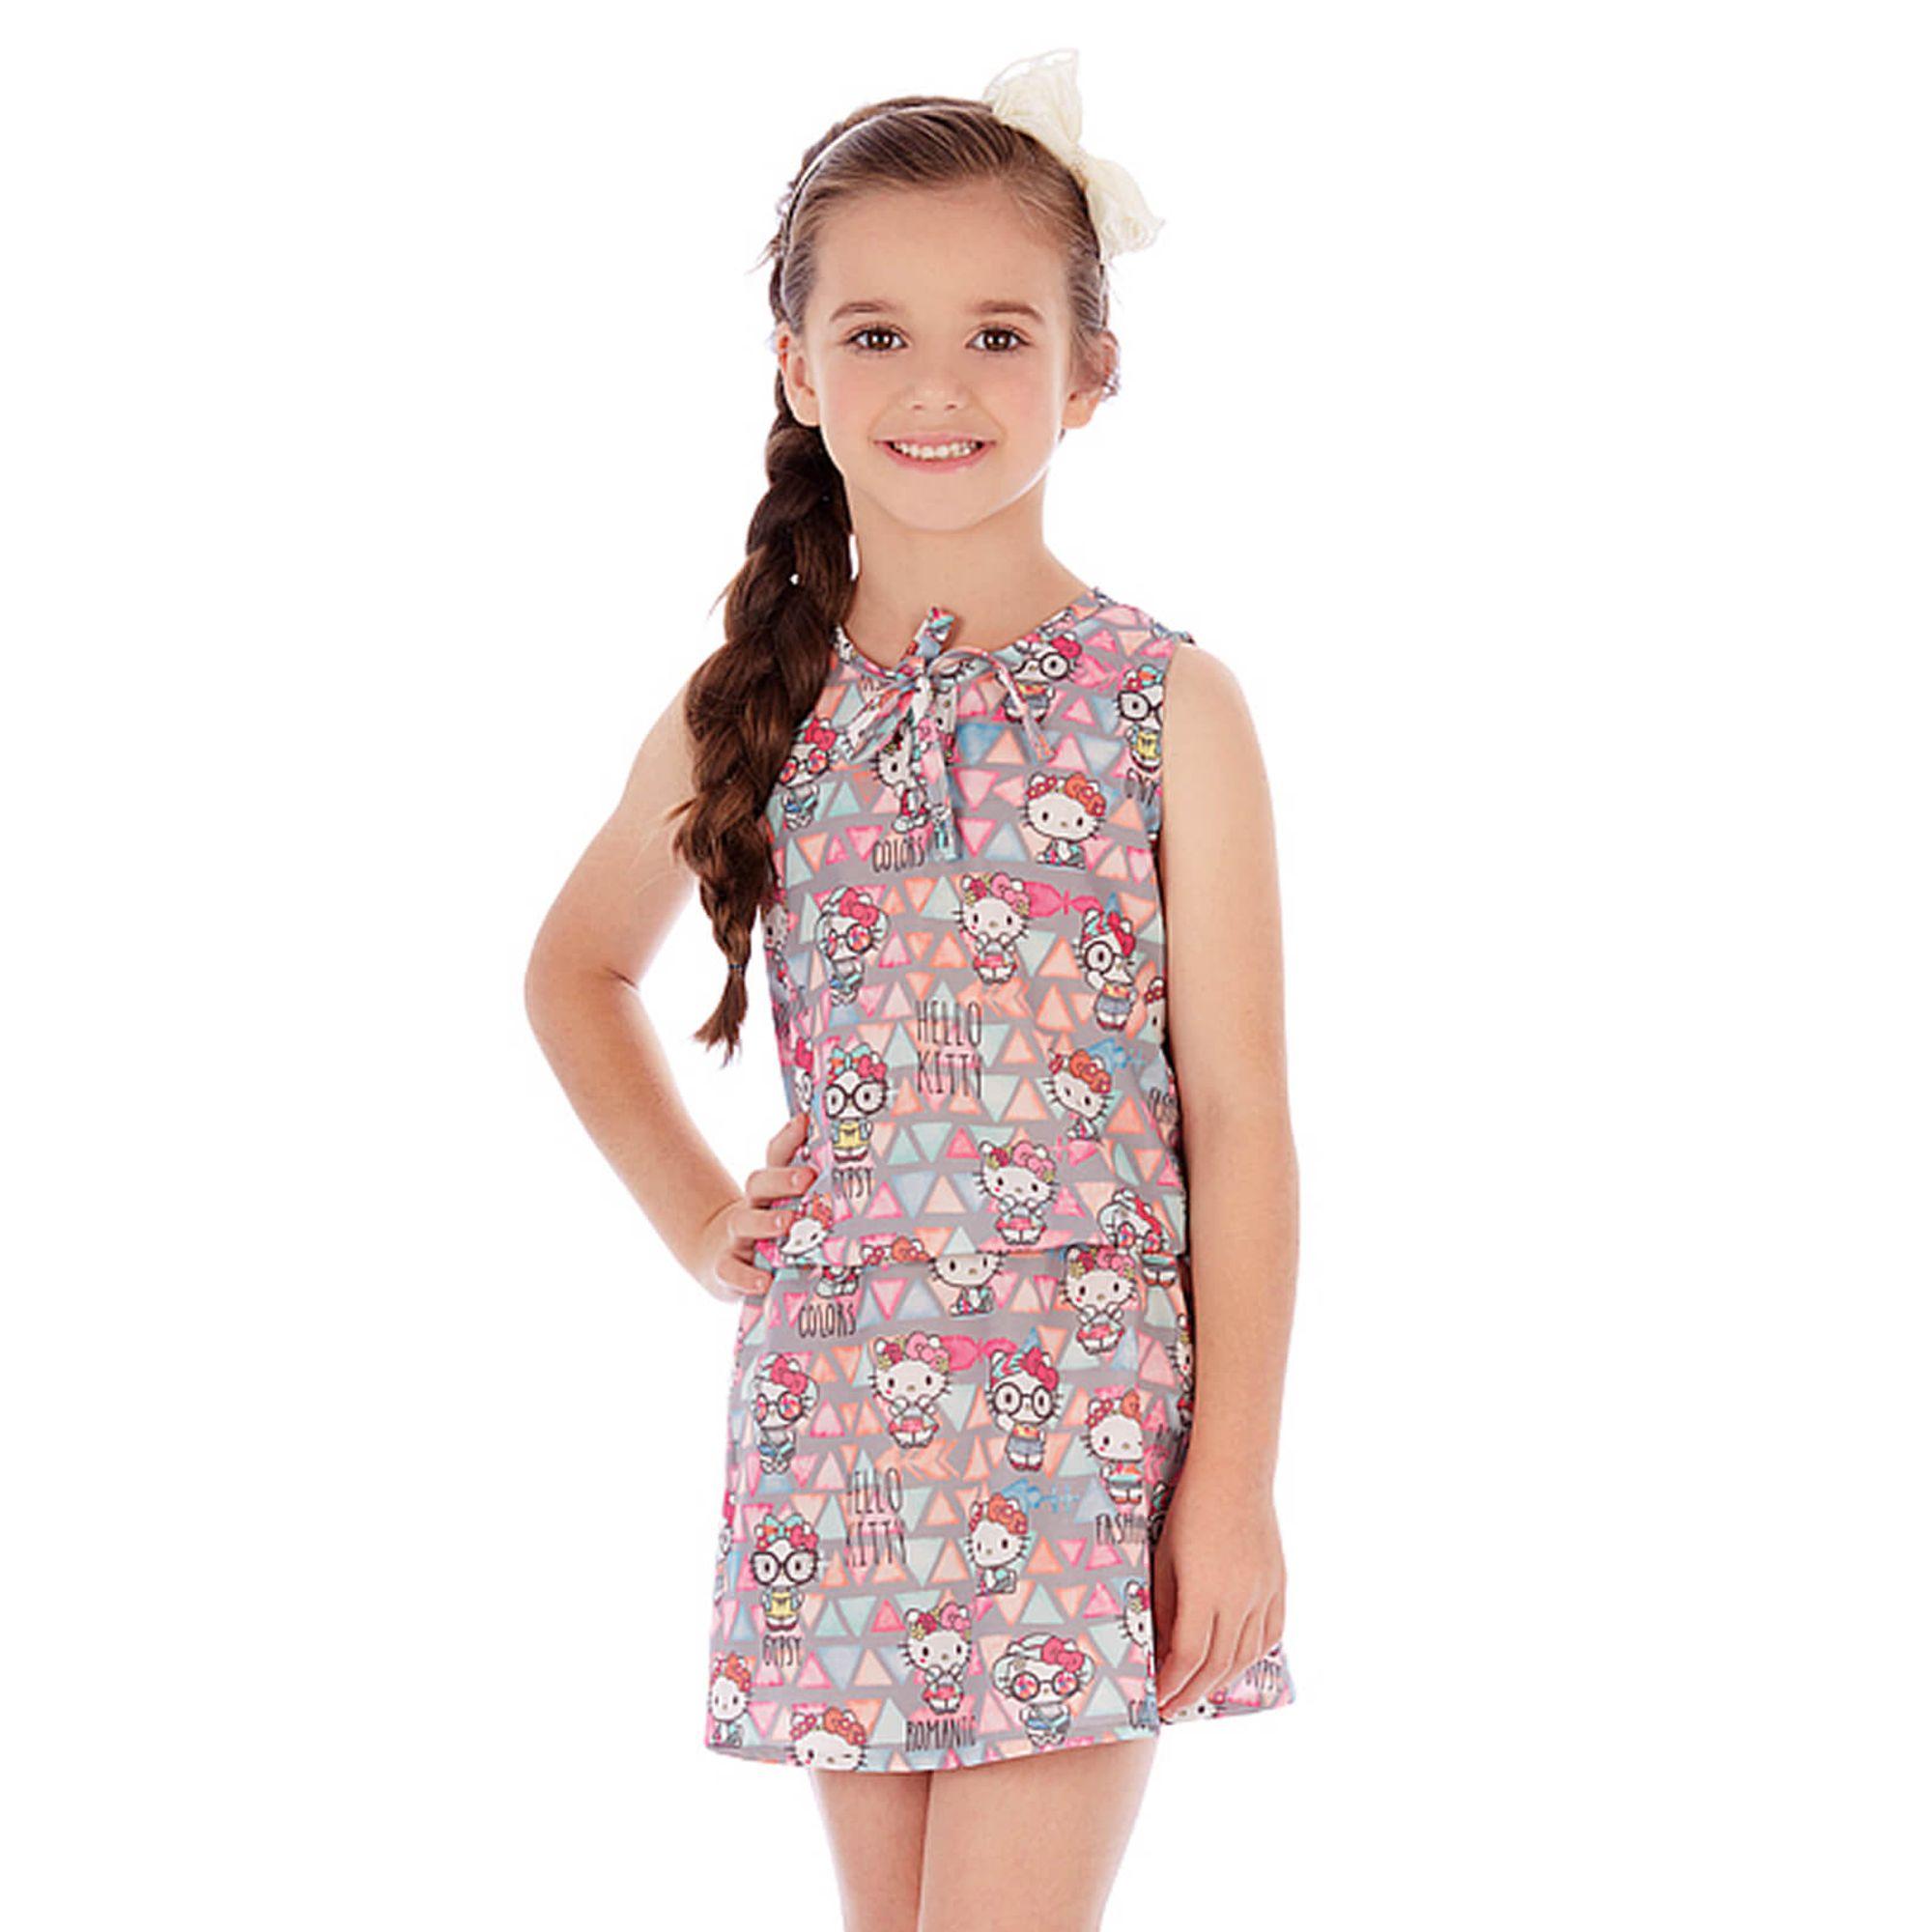 Feminina, fashion, e super enérgica: assim é a menina Play Up. Disponível dos 2 aos aos 14 anos, a linha Kids Girl apresenta propostas que combinam moda, feminilidade e conforto, com a naturalidade e espontaneidade que é própria das crianças!